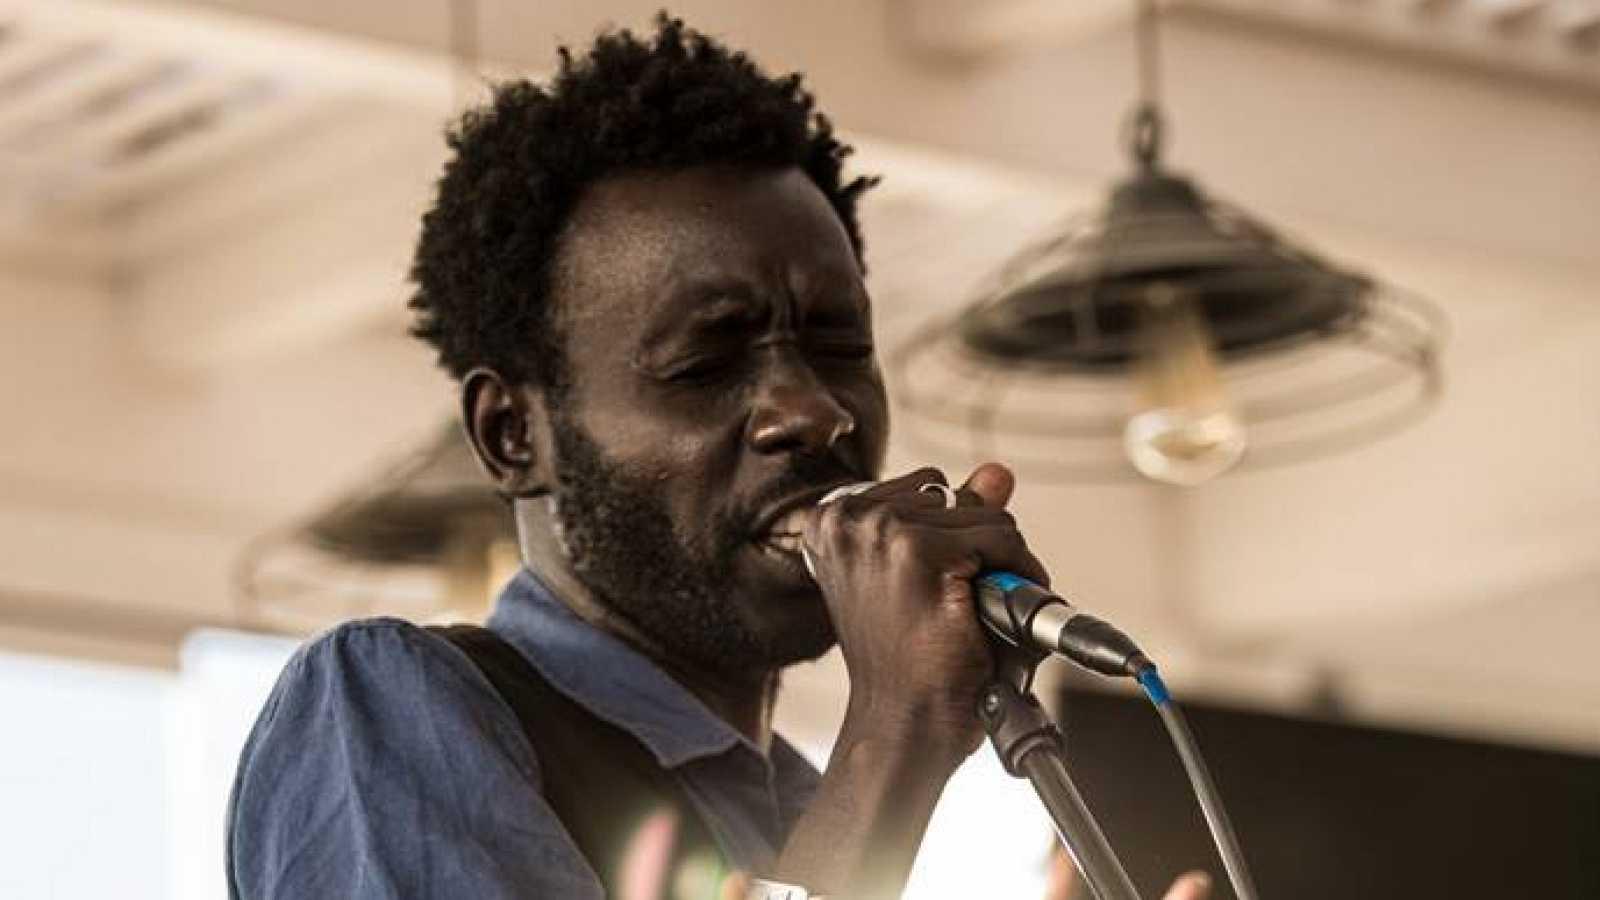 África hoy - El músico africano Birane Amar Wane tiende un puente musical entre Senegal y Andalucía - 24/01/19 - escuchar ahora